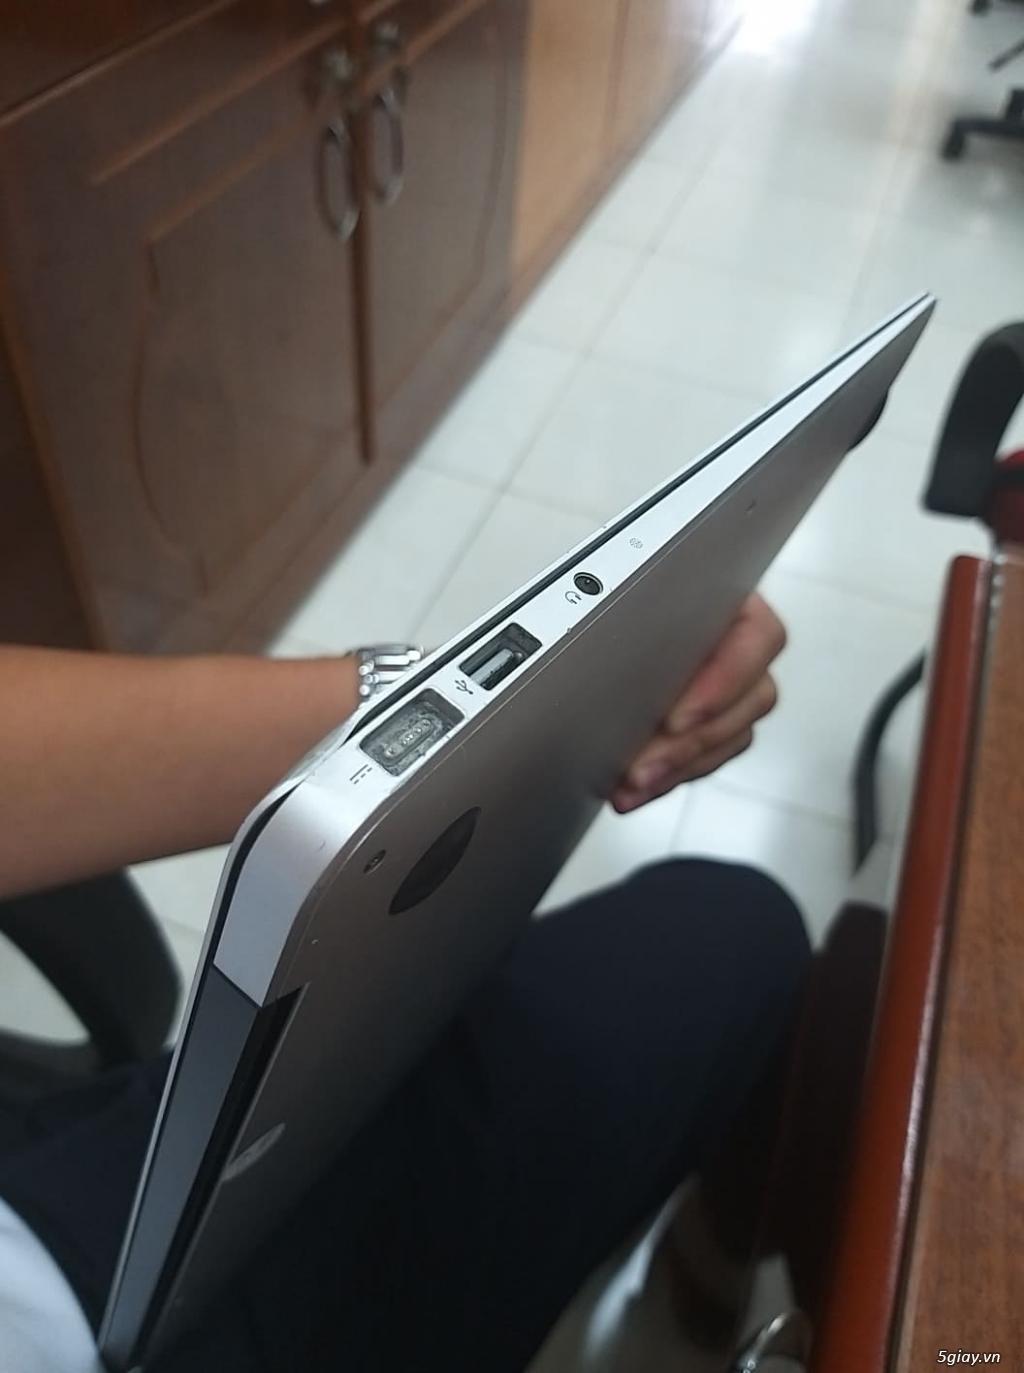 Cần bán: macbook air mid 2011 - 1